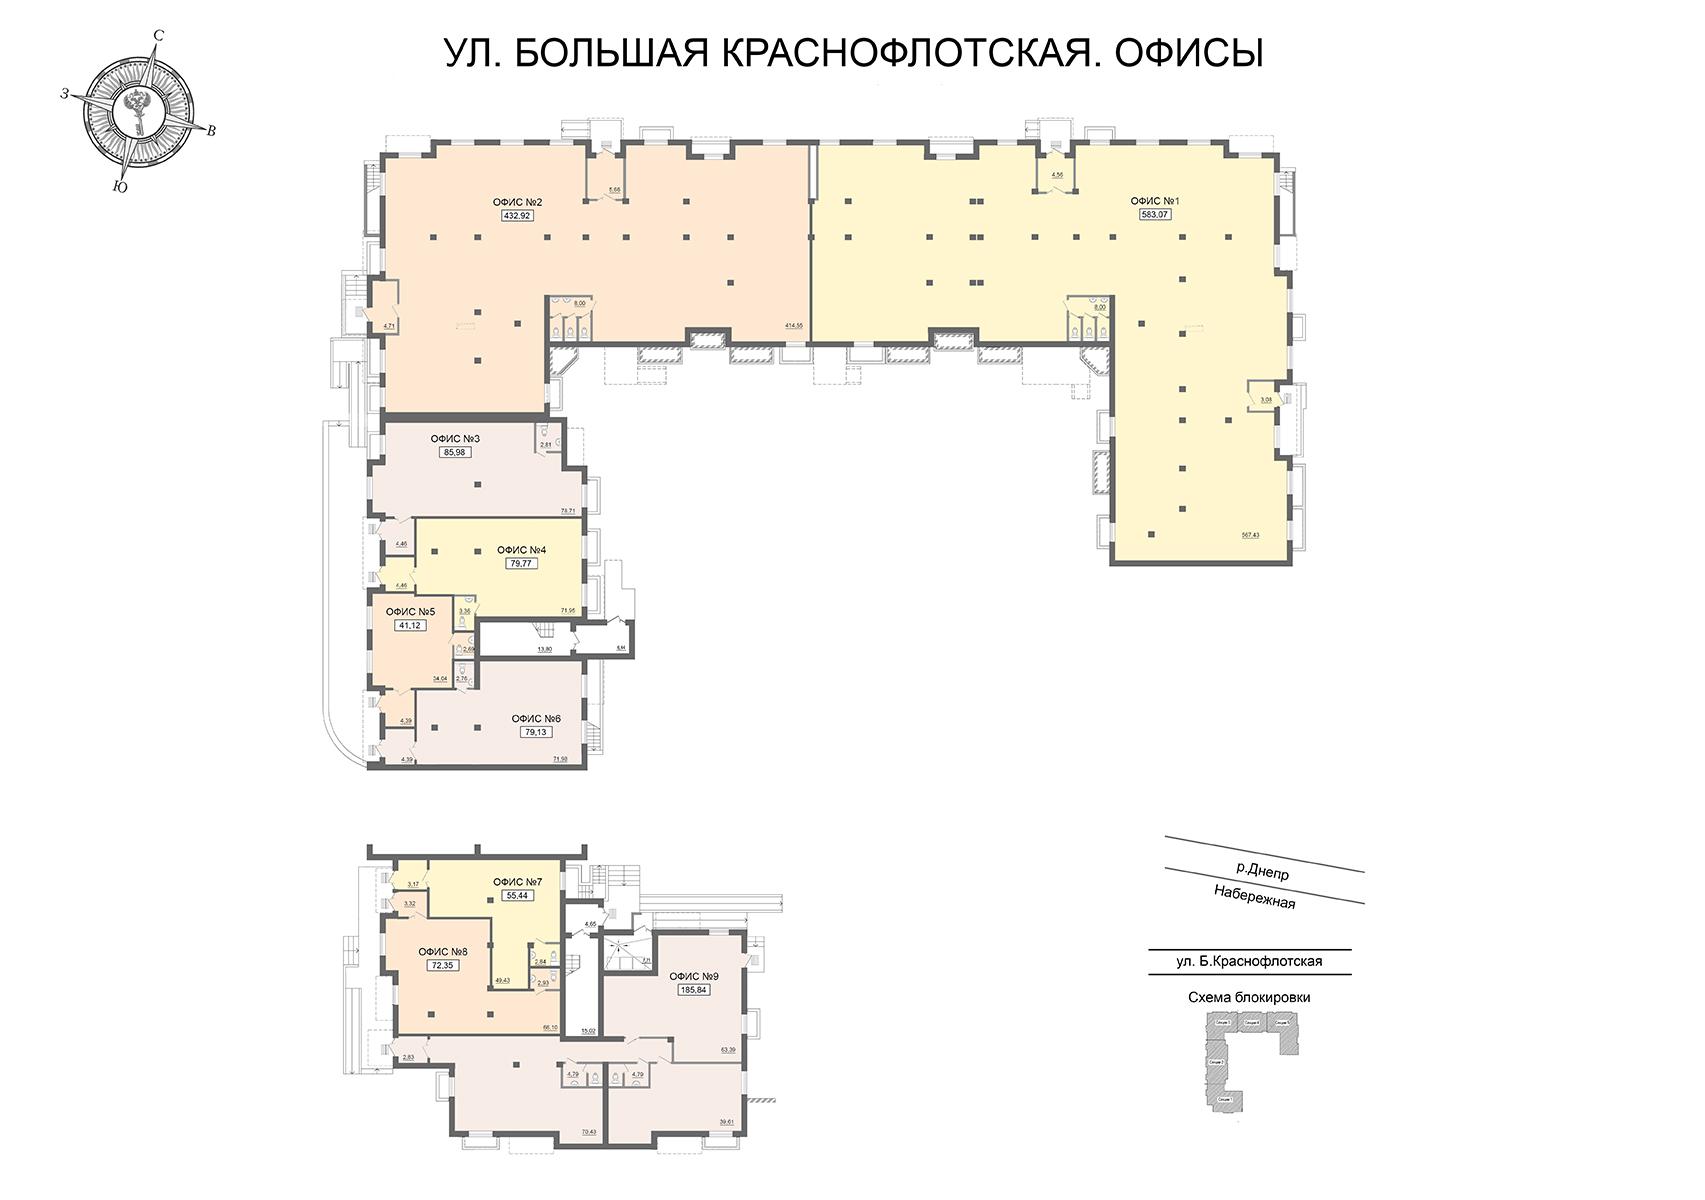 ул. Большая Краснофлотская